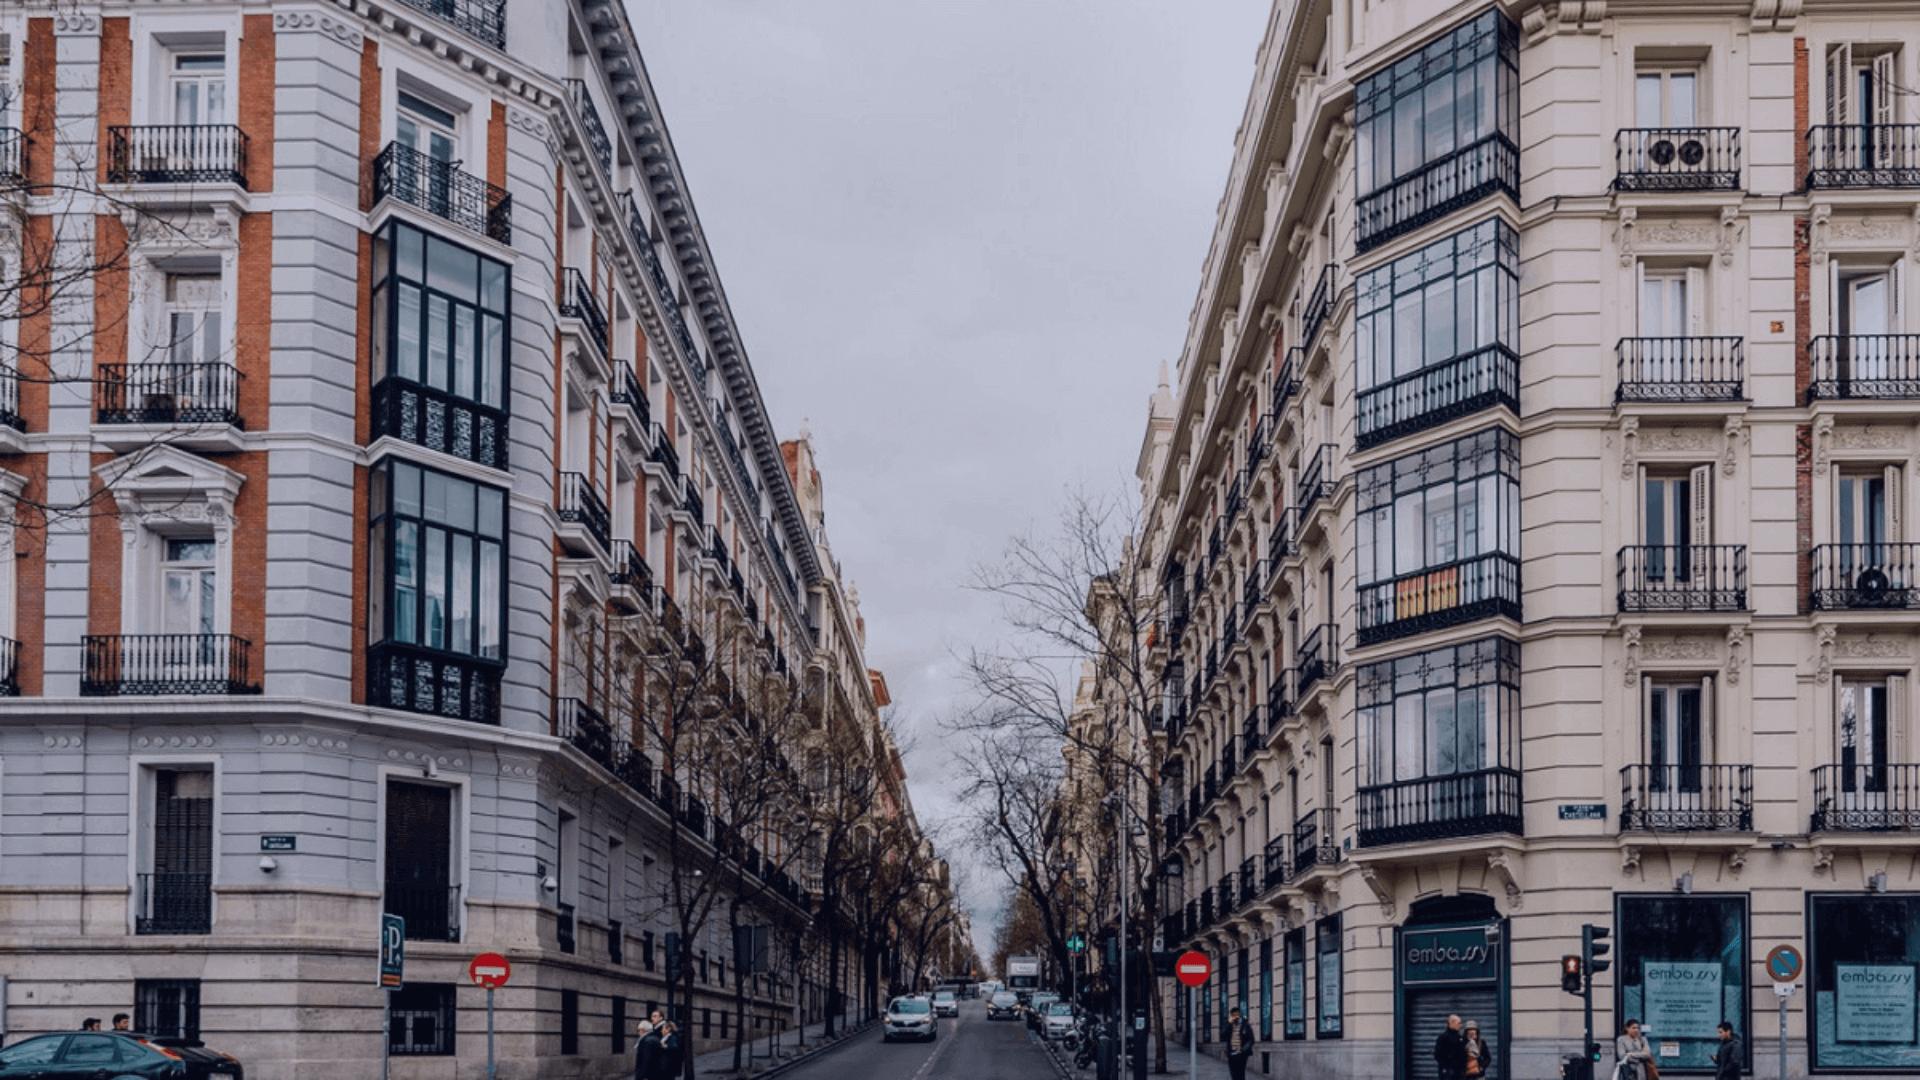 Comprar casa en Madrid: ¿Cuál es el distrito con el m2 más caro?